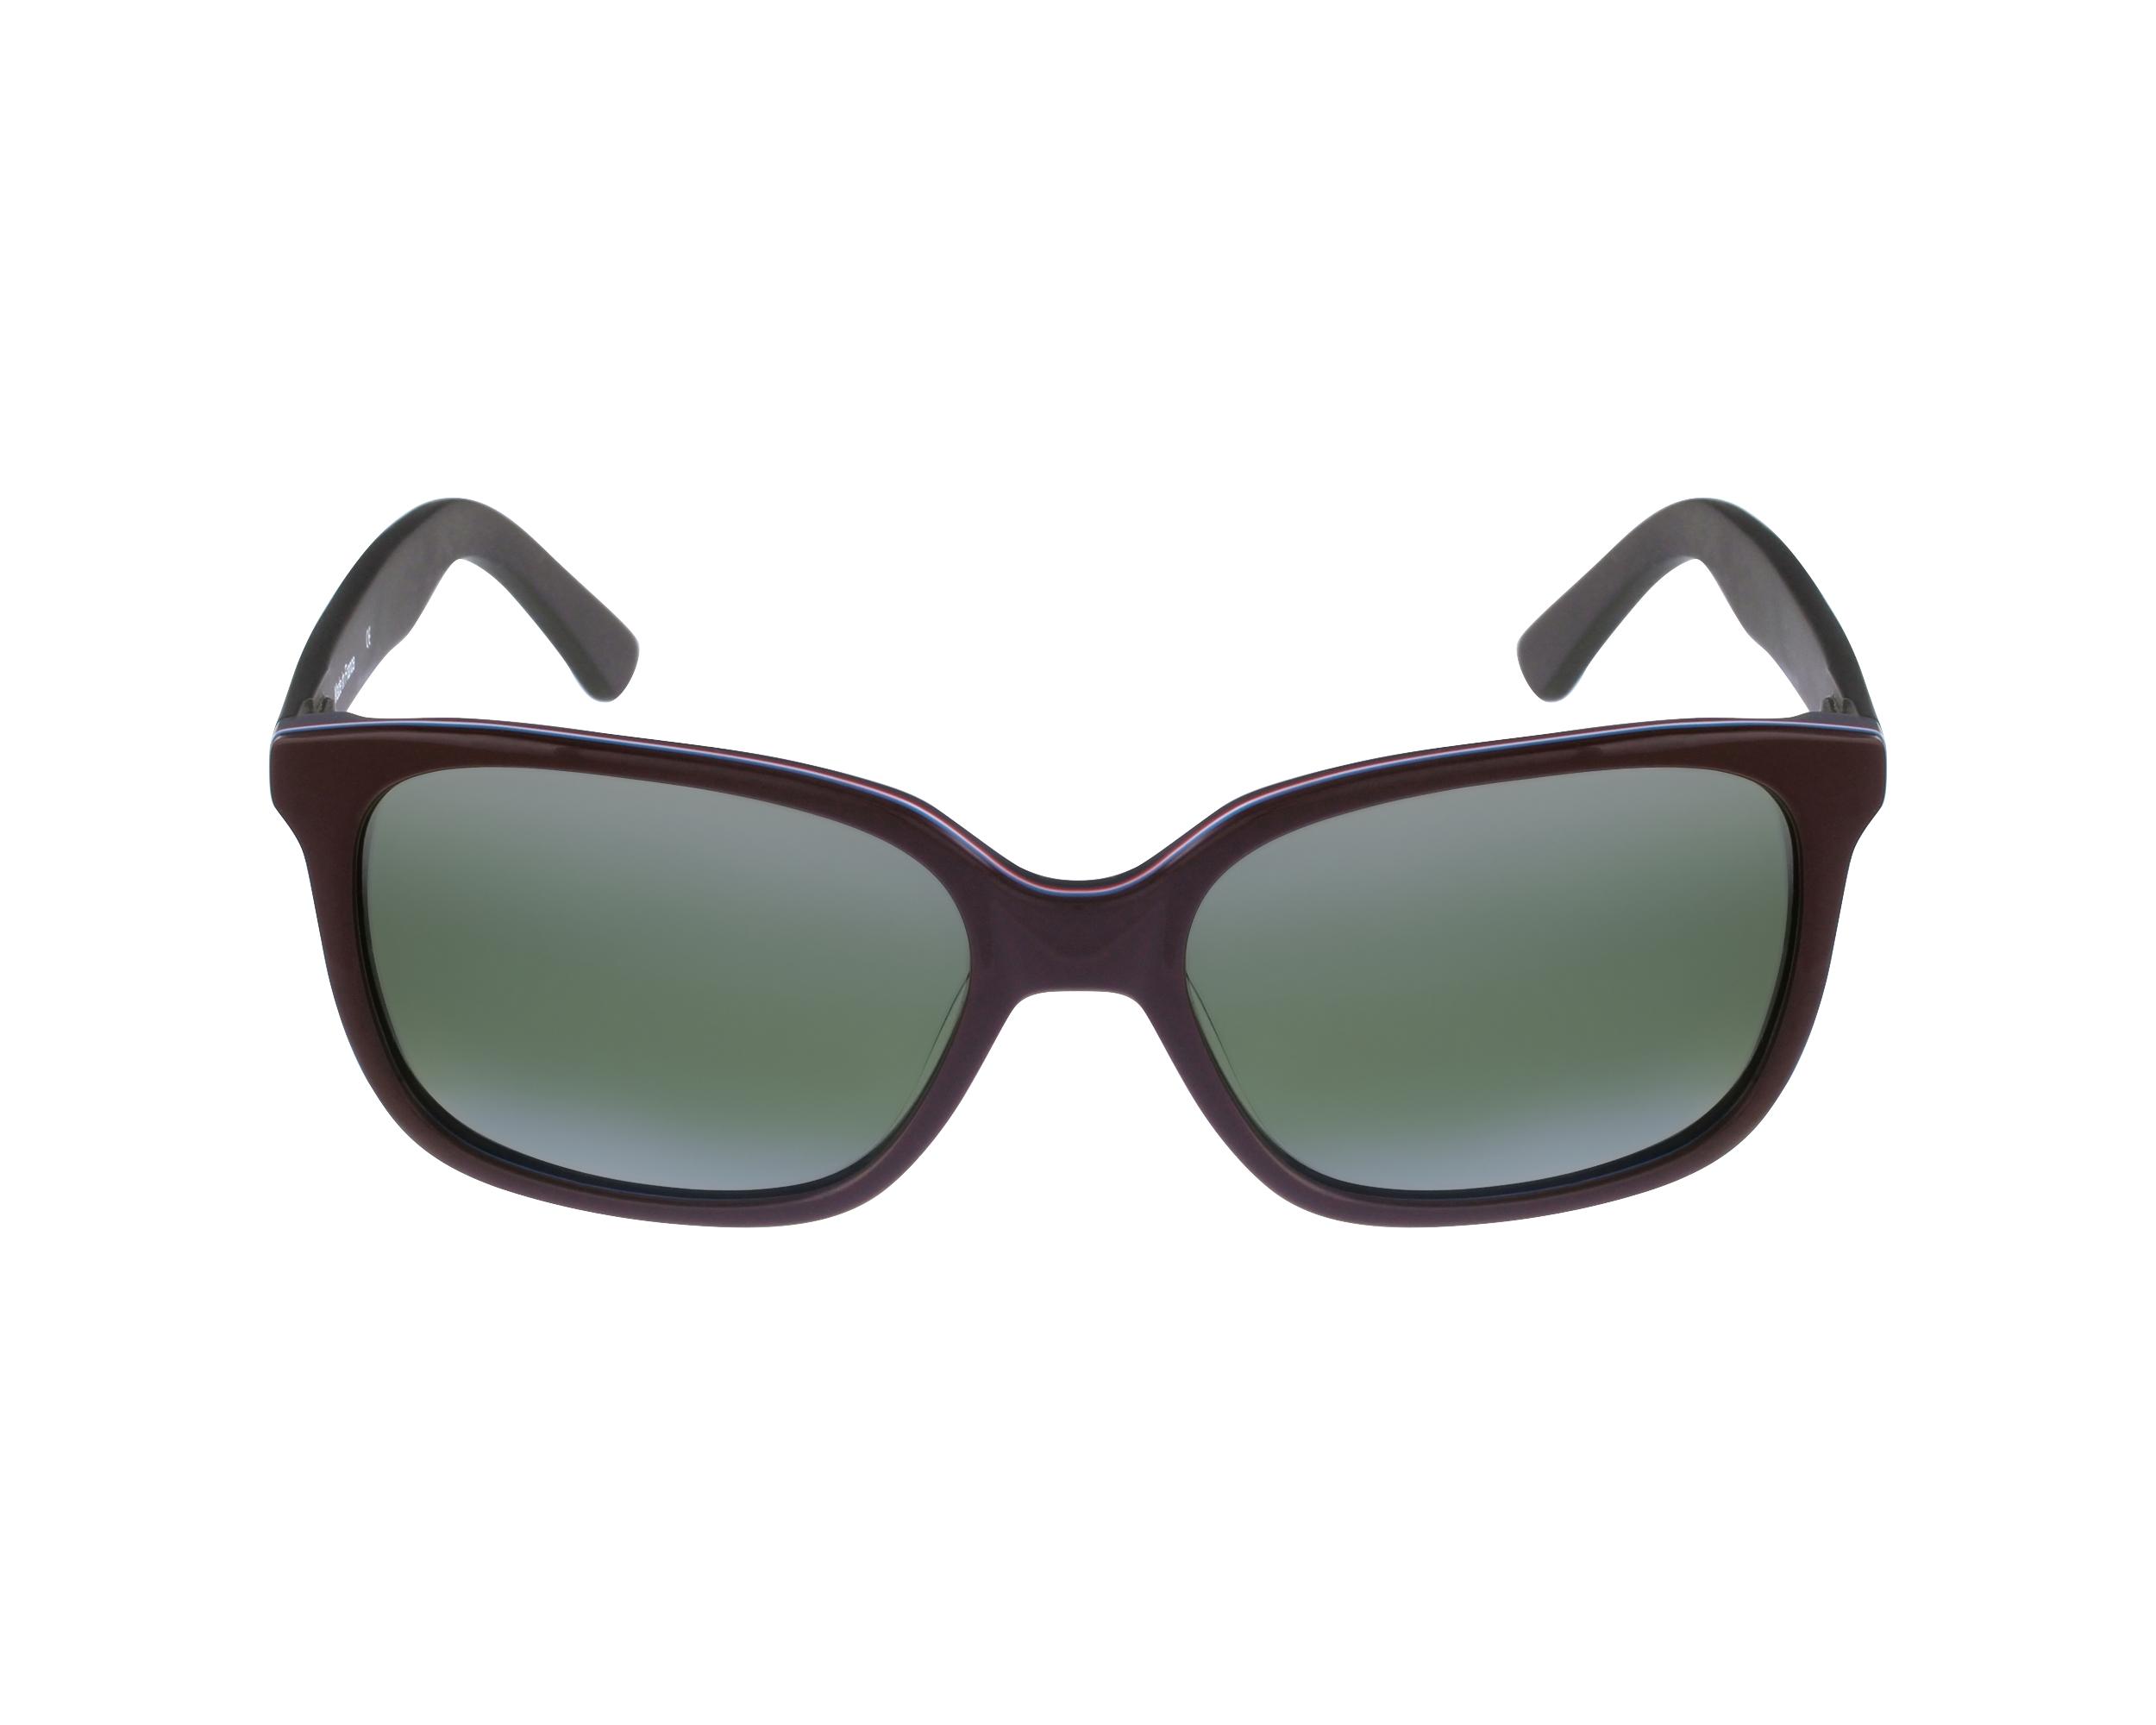 lunettes de soleil vuarnet vl 1302 0003 bordeaux pas cher 20 de remise suppl mentaire avec le. Black Bedroom Furniture Sets. Home Design Ideas